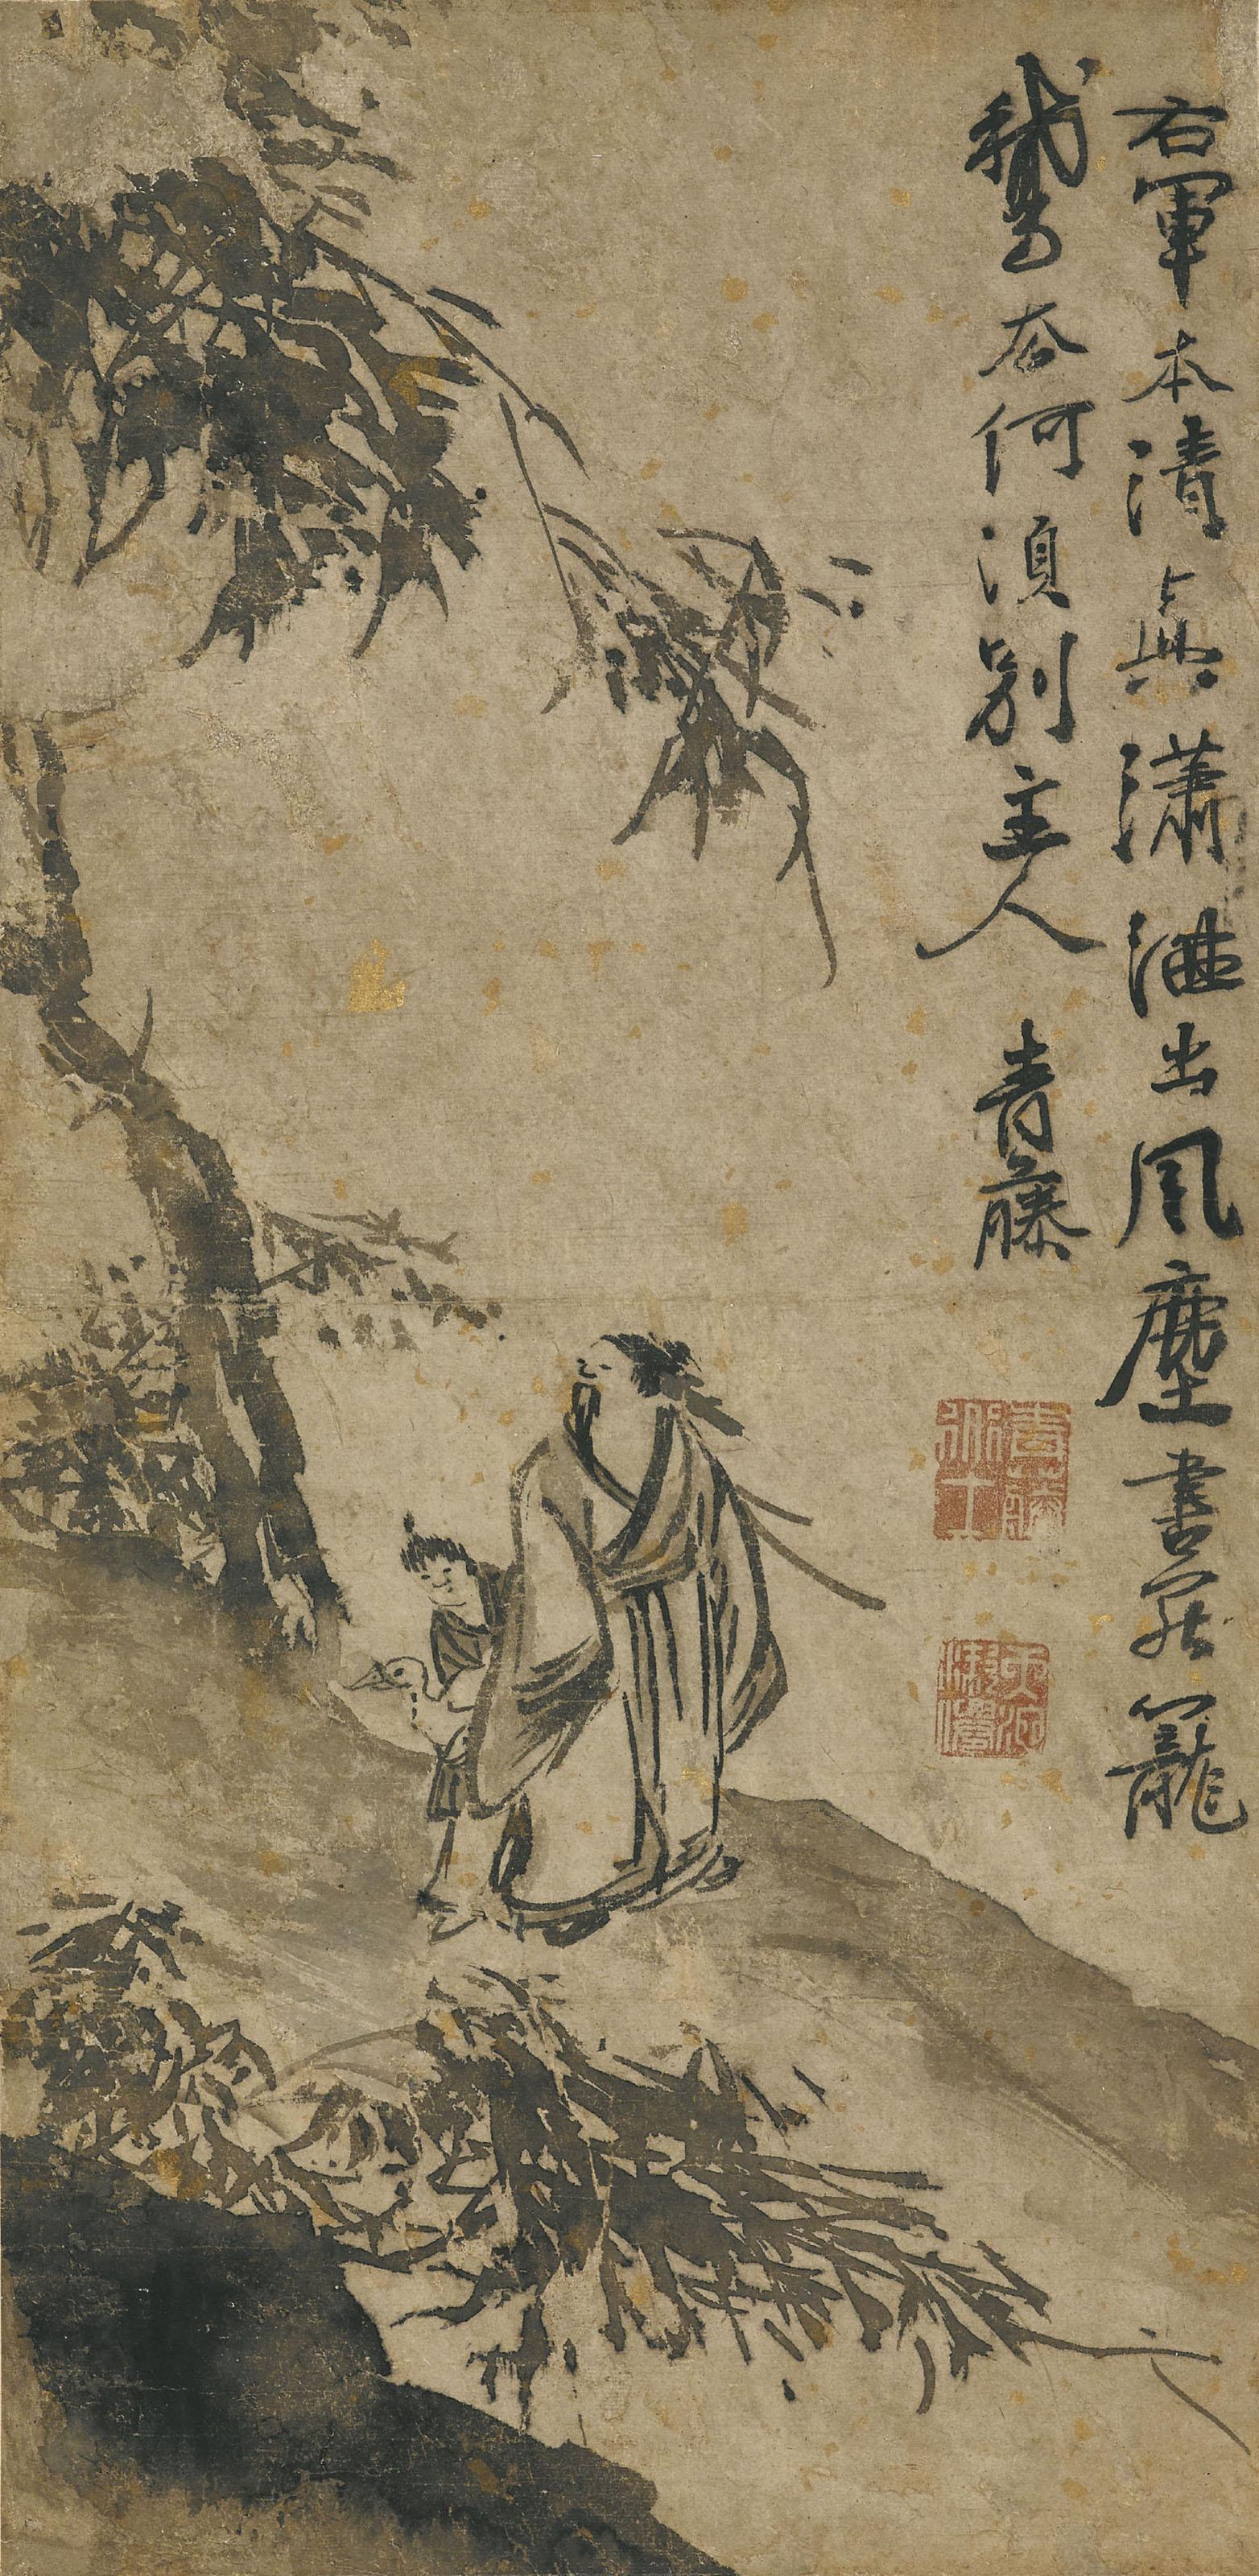 XU WEI (1521-1593)